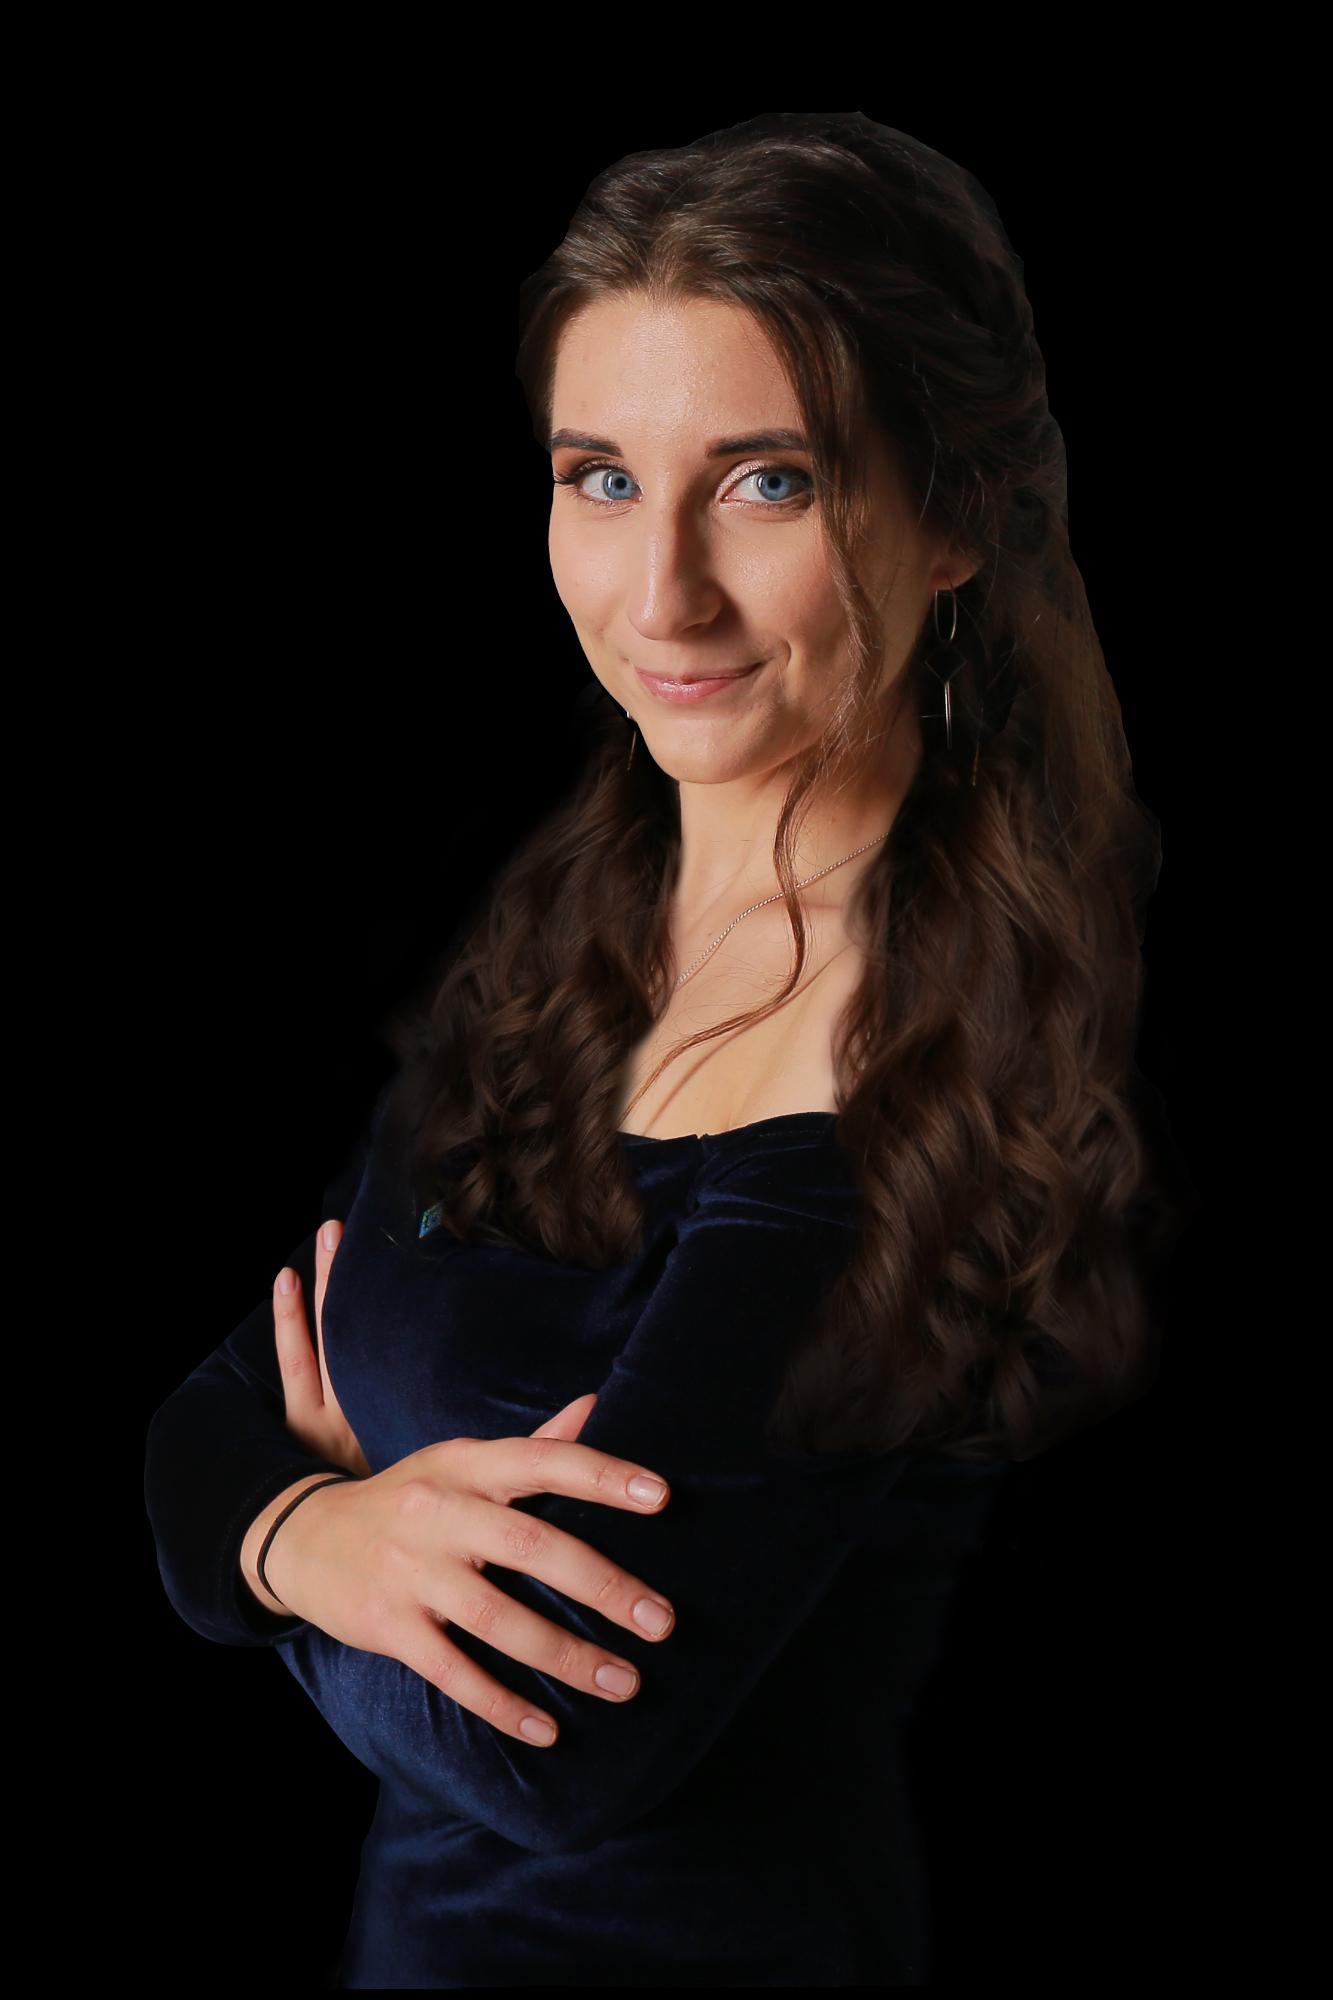 Беленко Вероника Сергеевна